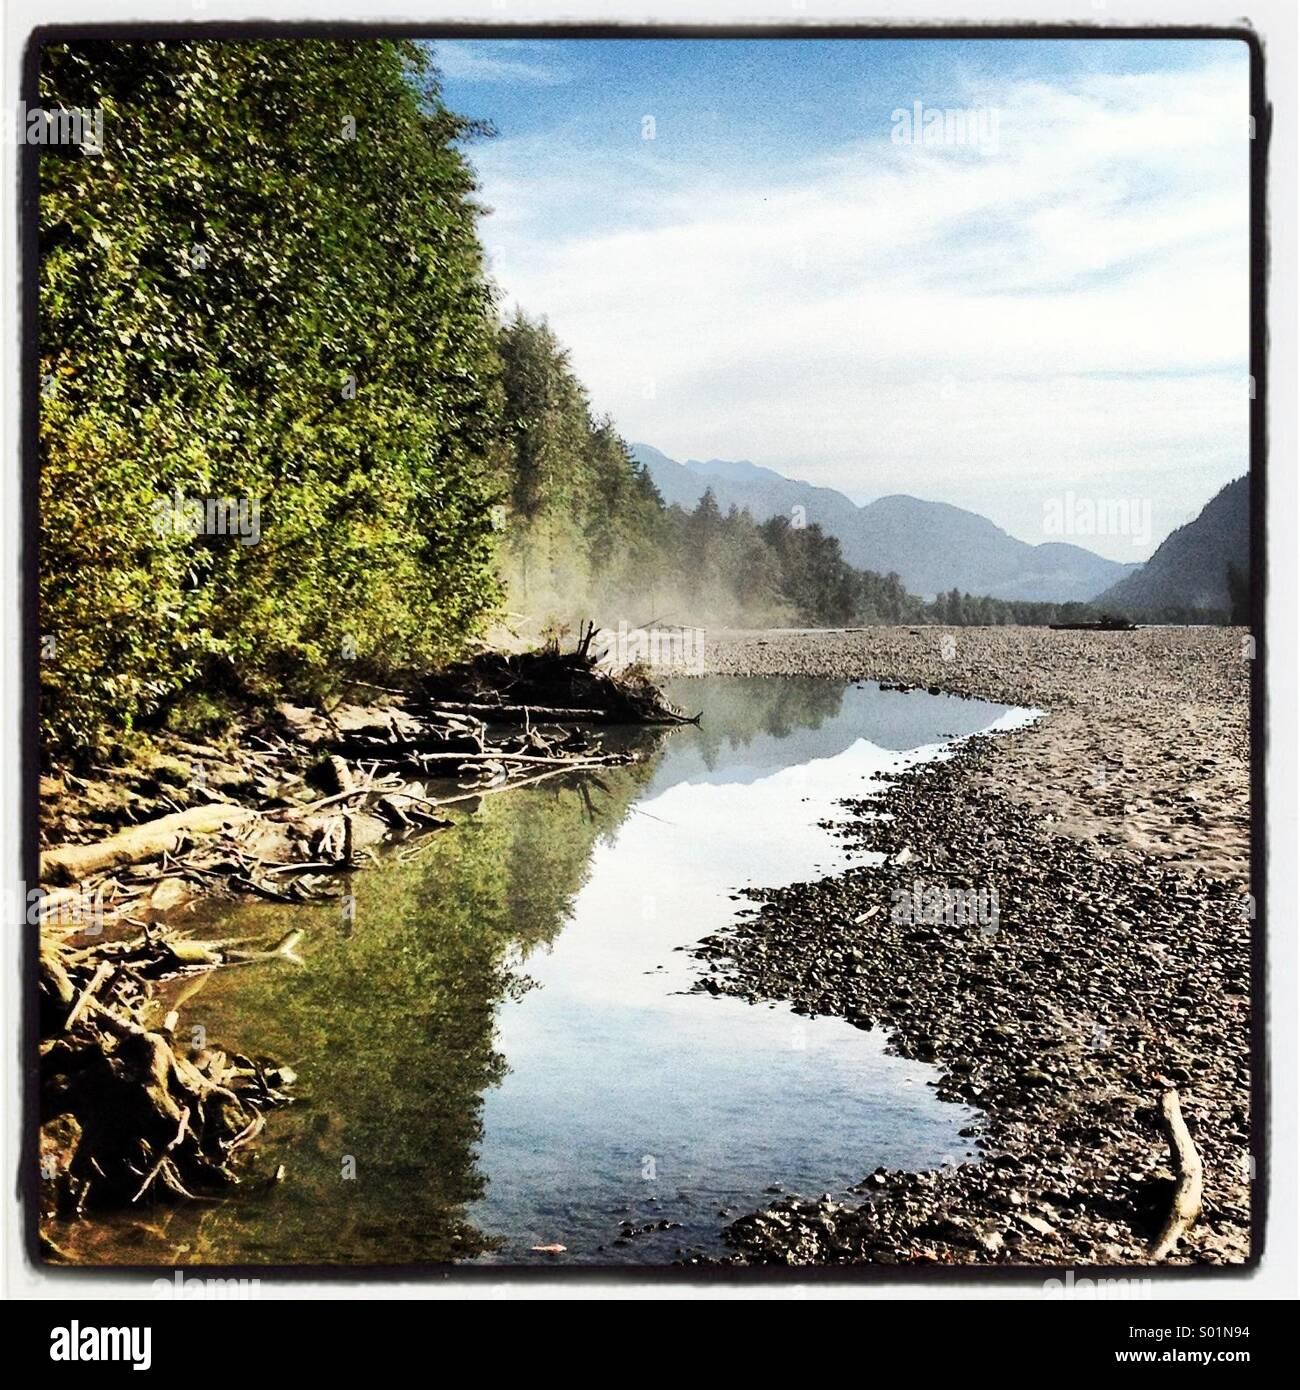 Kanadische Trockenflussbett mit Bäumen und Berg Reflexionen Stockbild